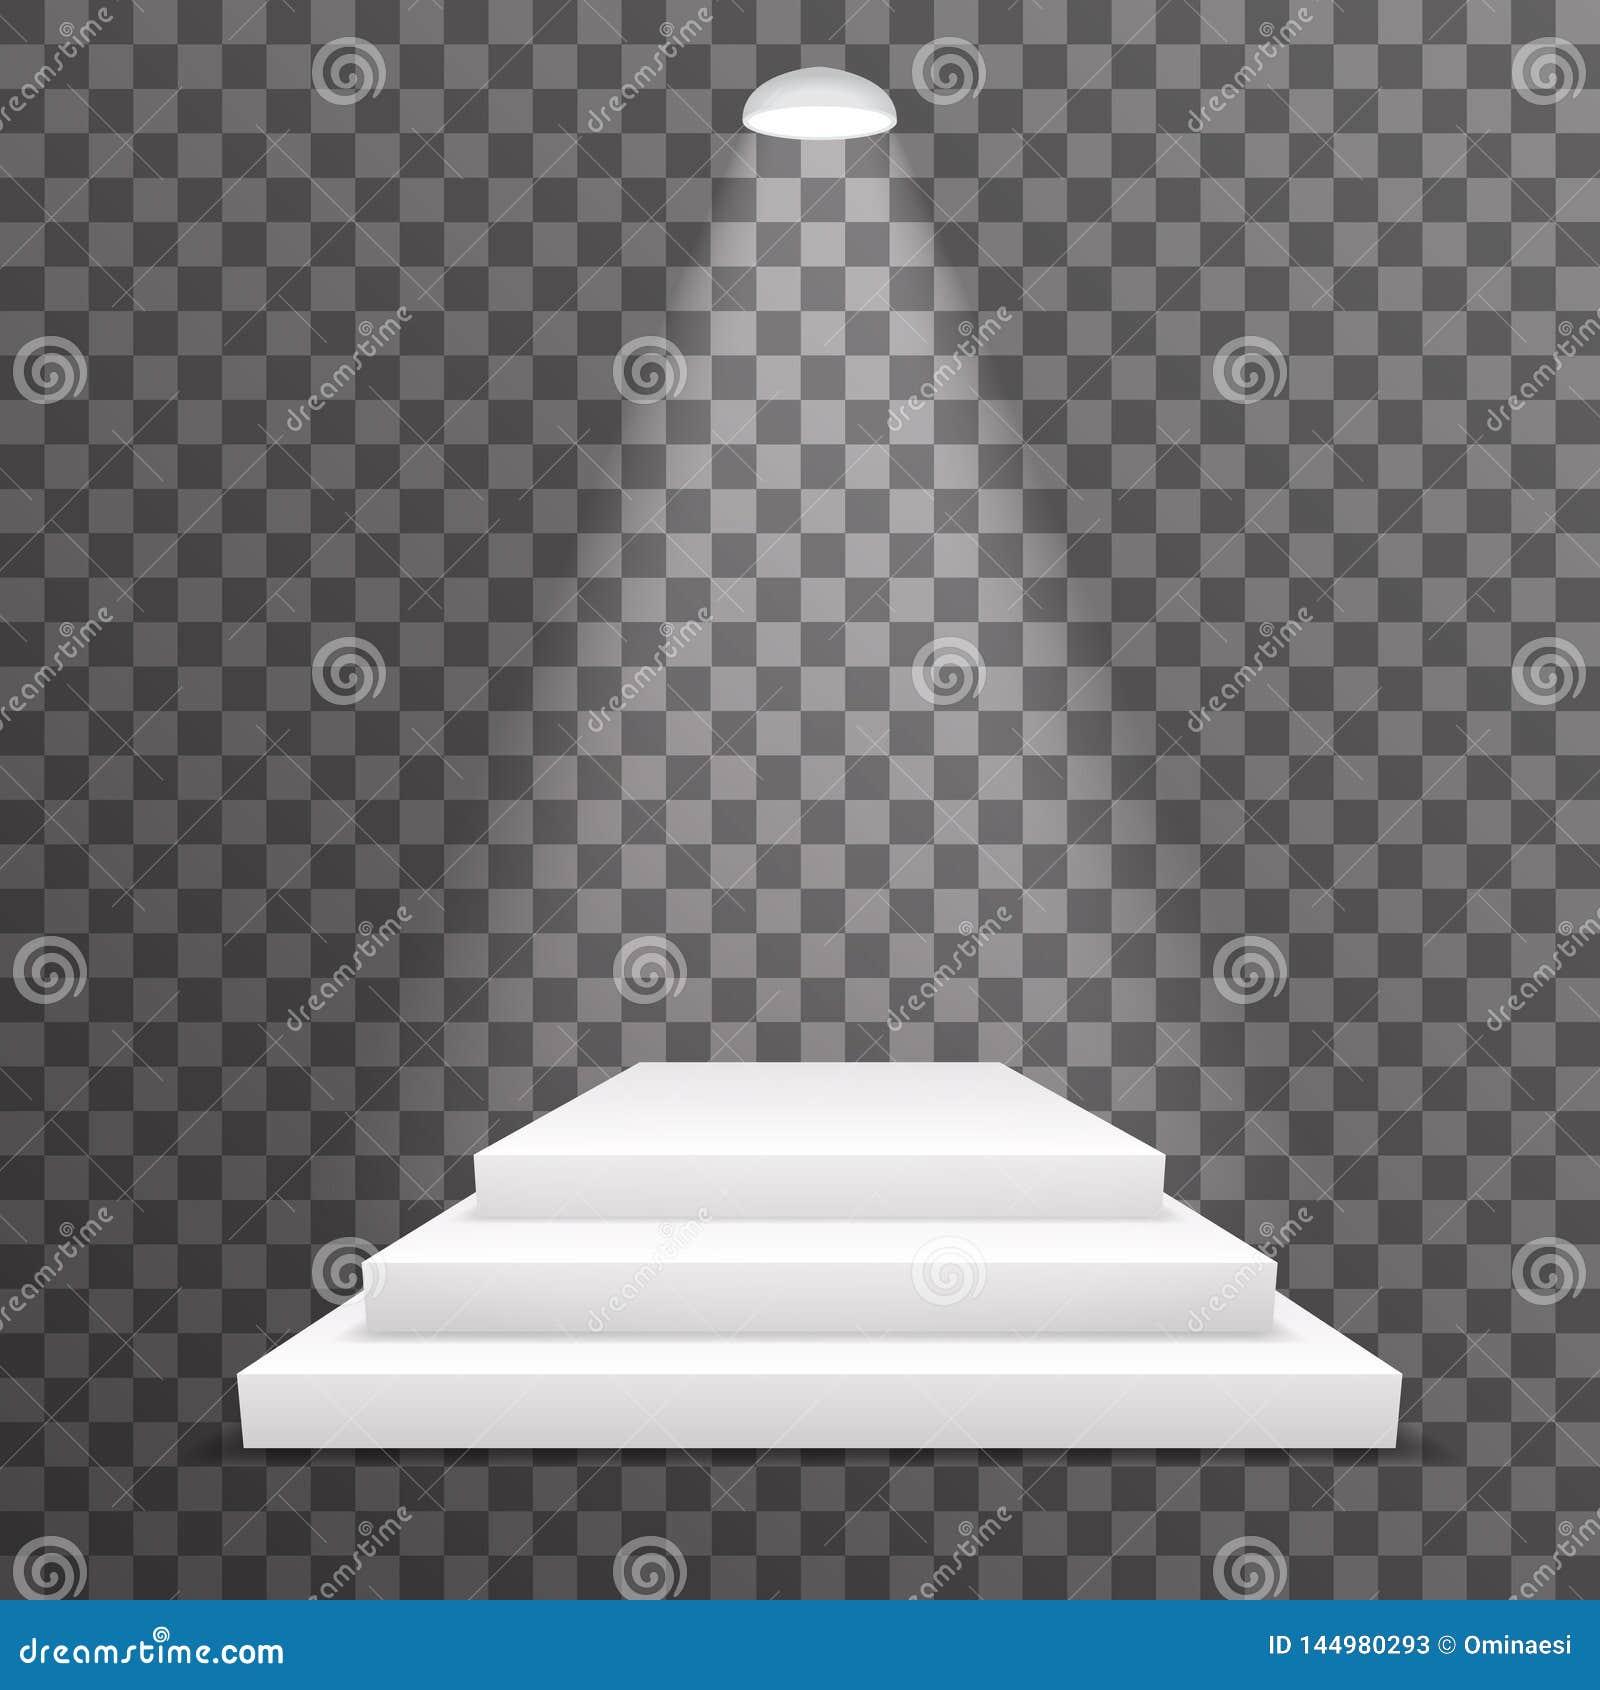 Waagerecht ausgerichtetes beleuchtete erleichterte Szene der Preissockelgewinn-Leistung Podium realistischen Schablonenvektor der